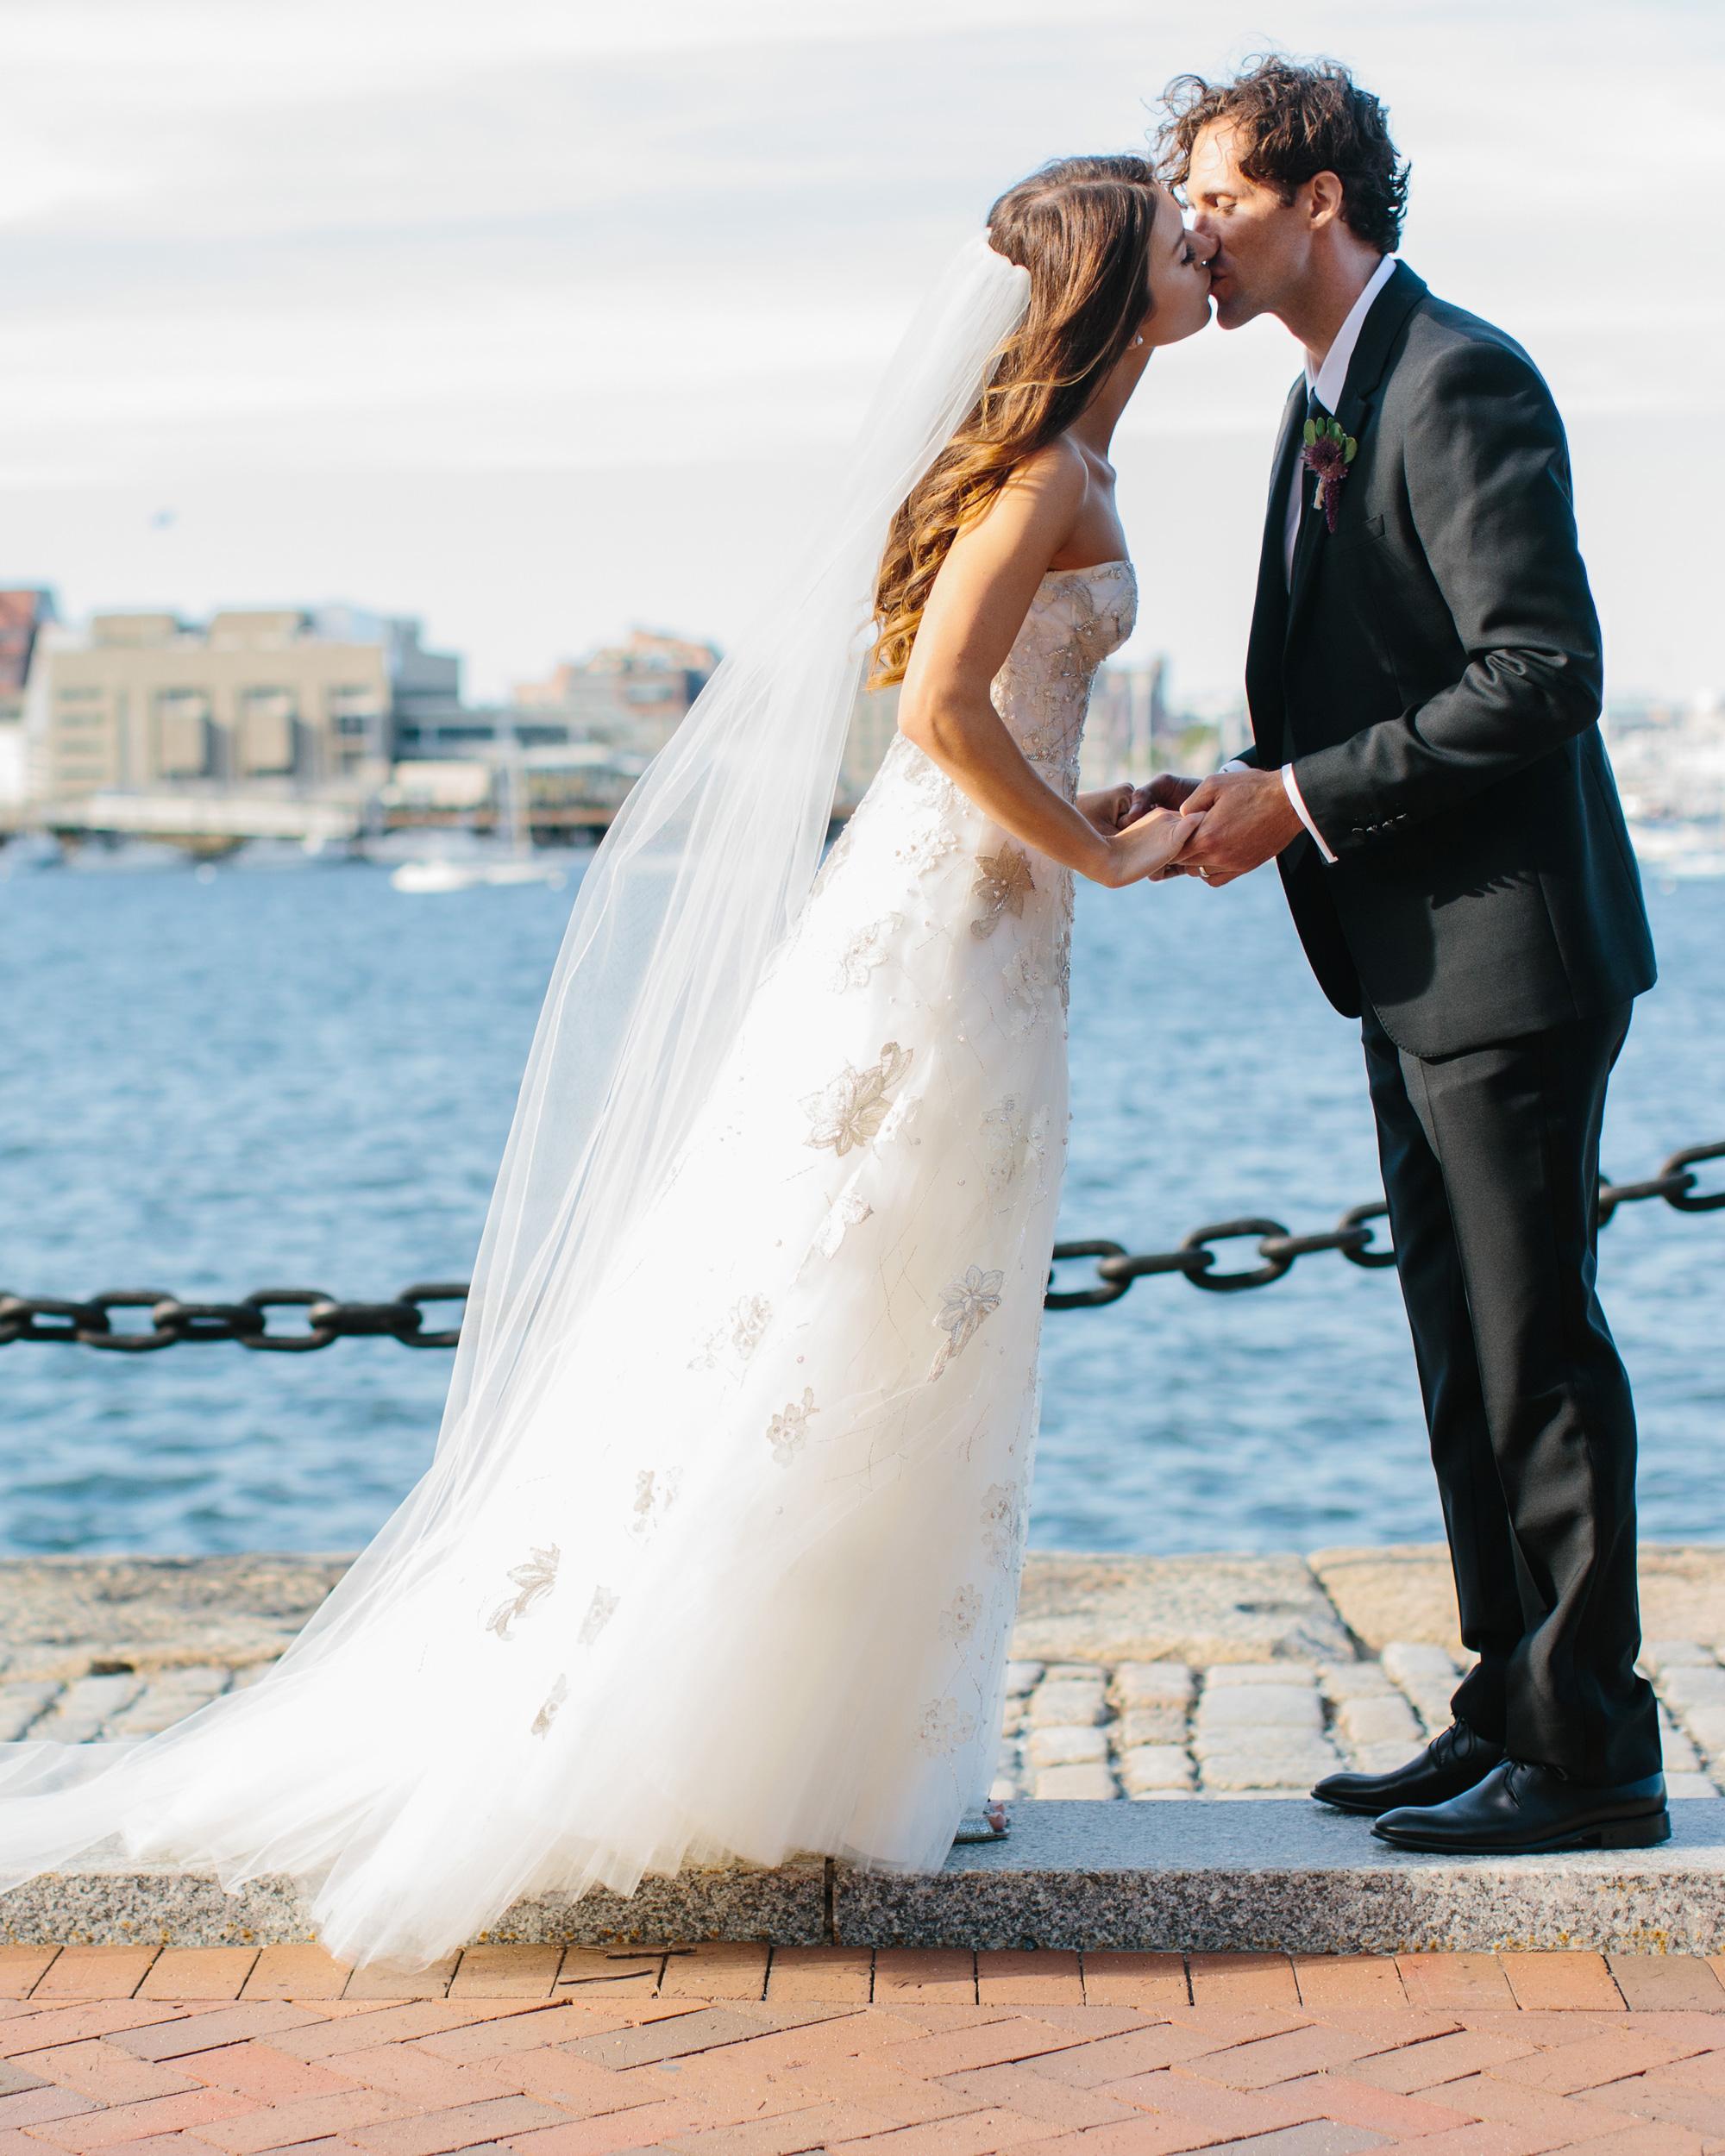 danielle-brian-wedding-couple-kiss-0373-s113001-0616.jpg